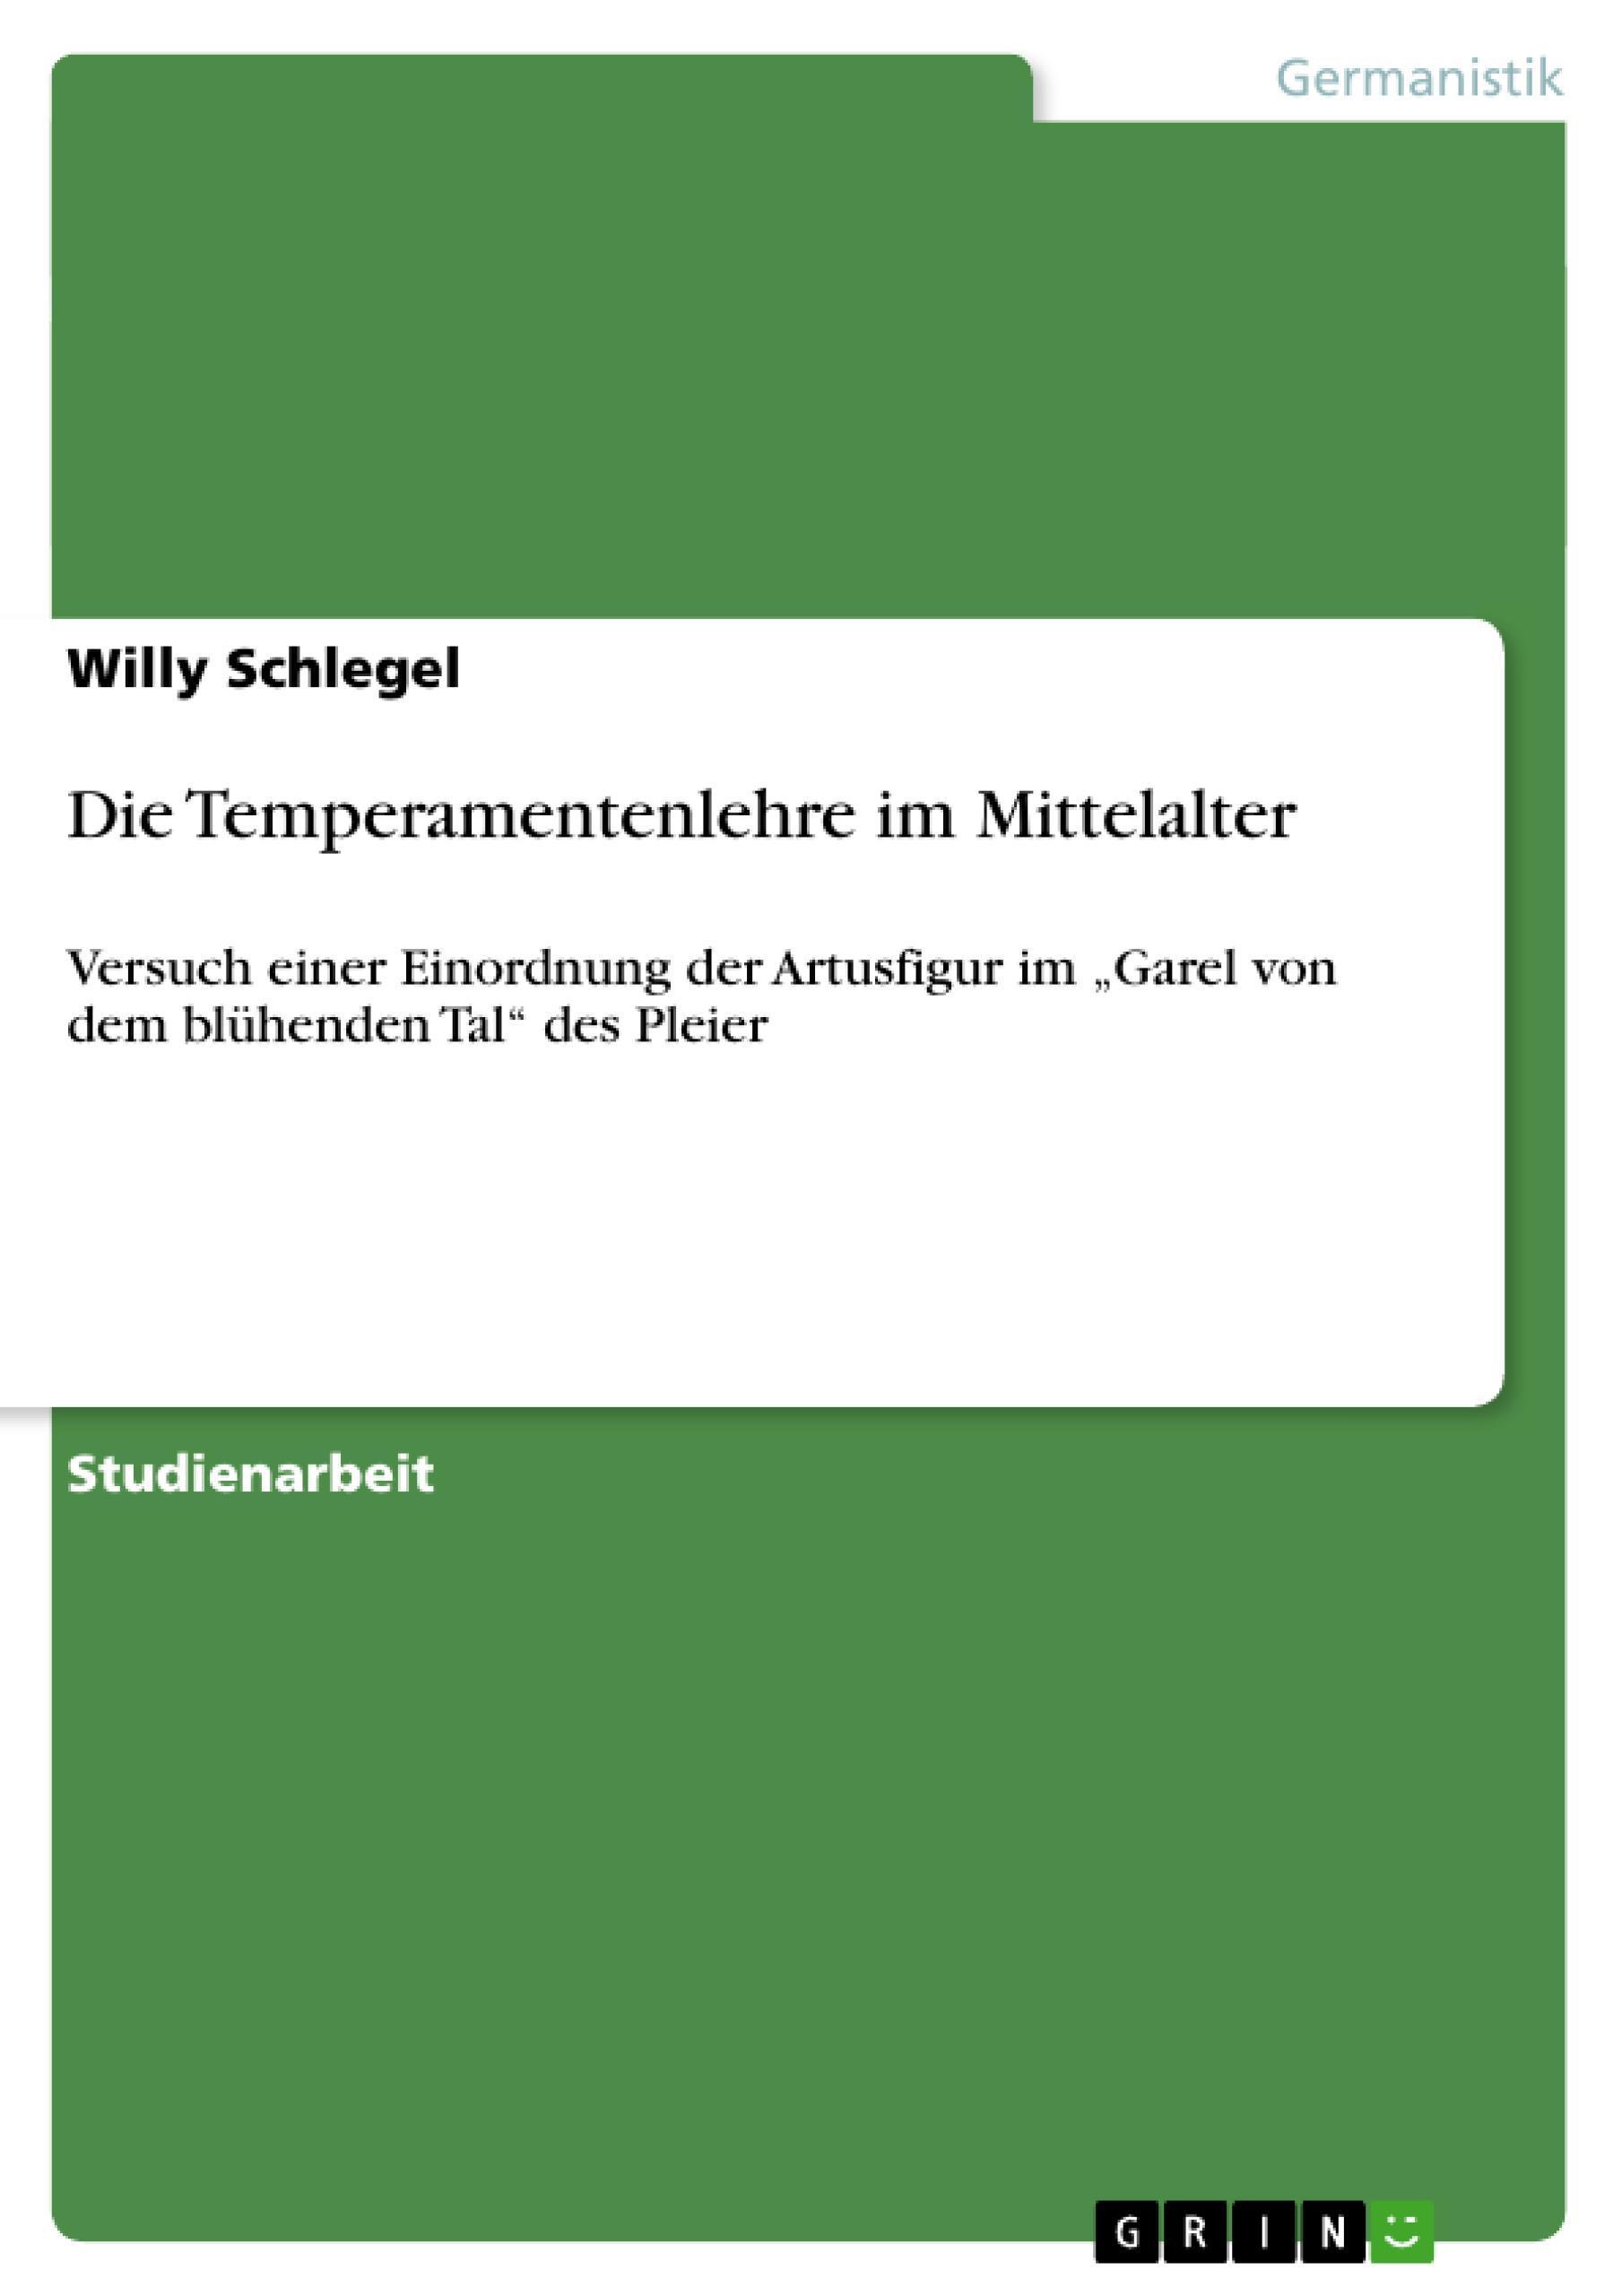 Die Temperamentenlehre im Mittelalter Willy Schlegel